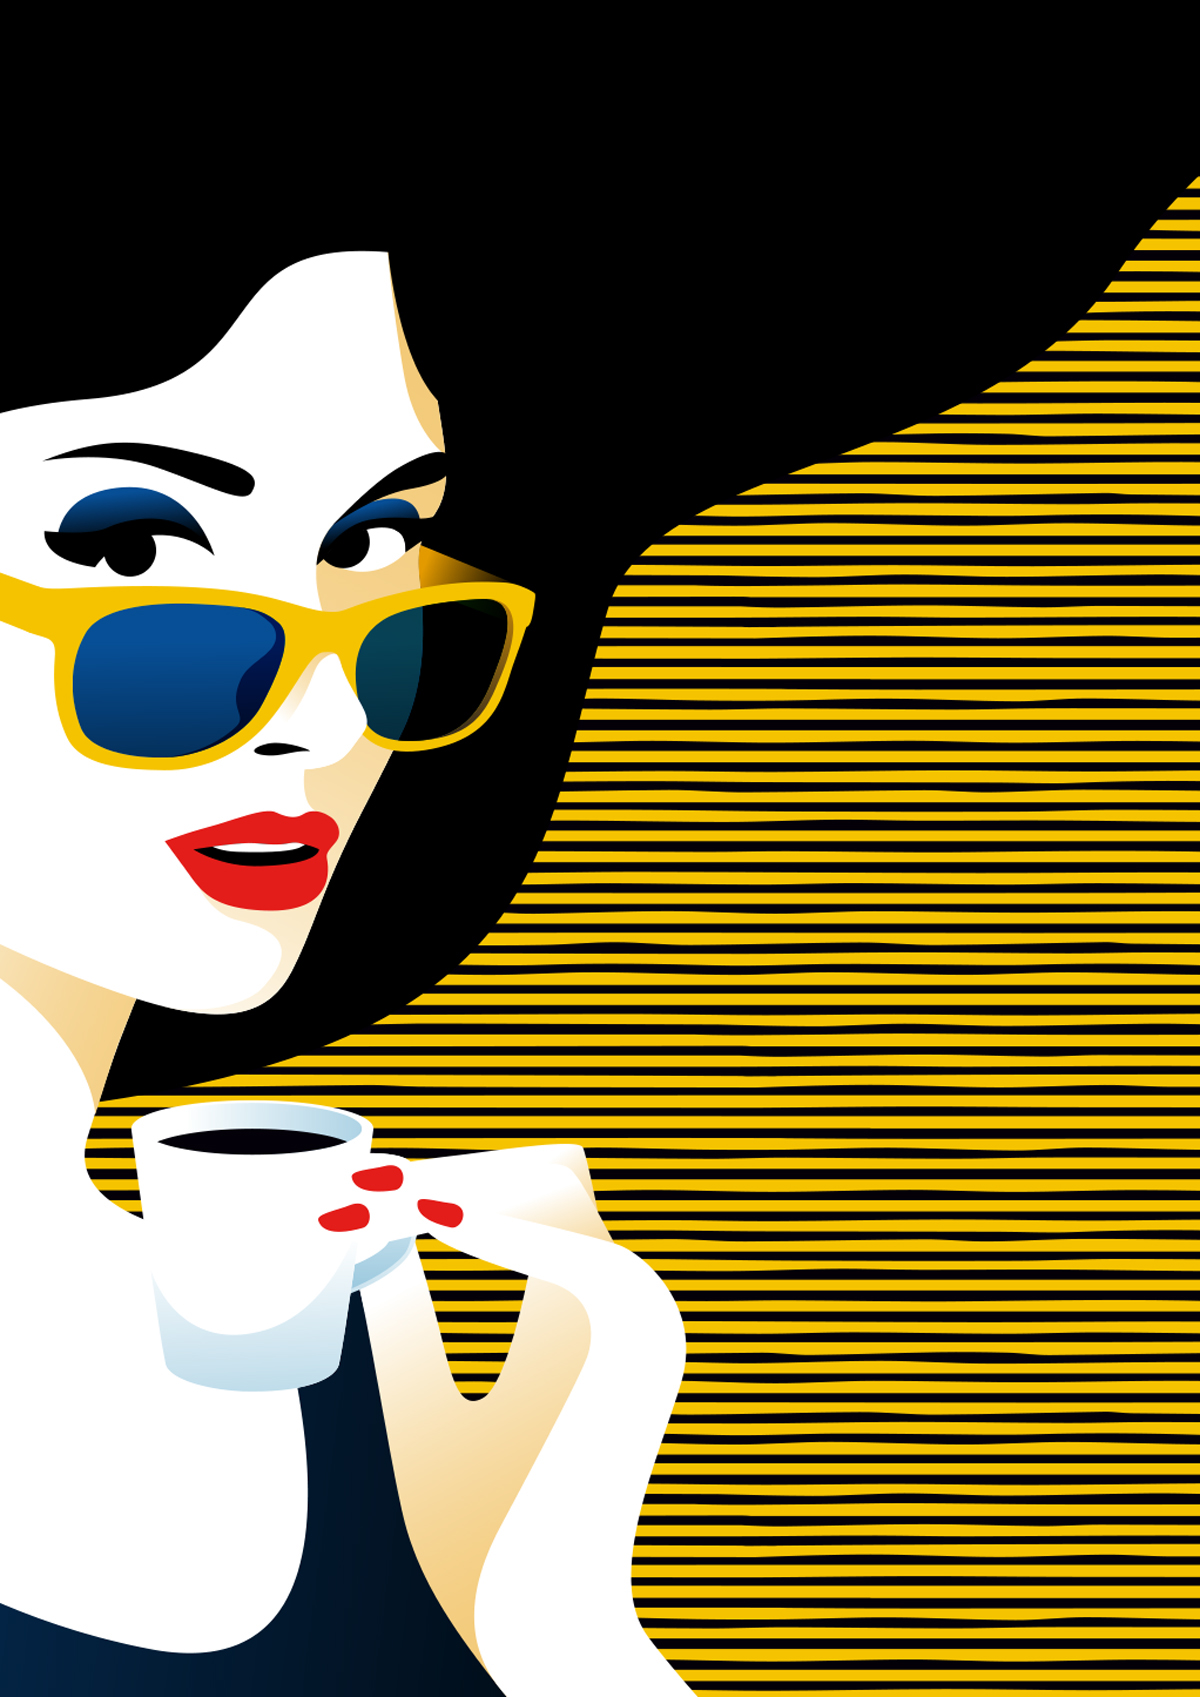 Illustration,Advertising,Digital Art